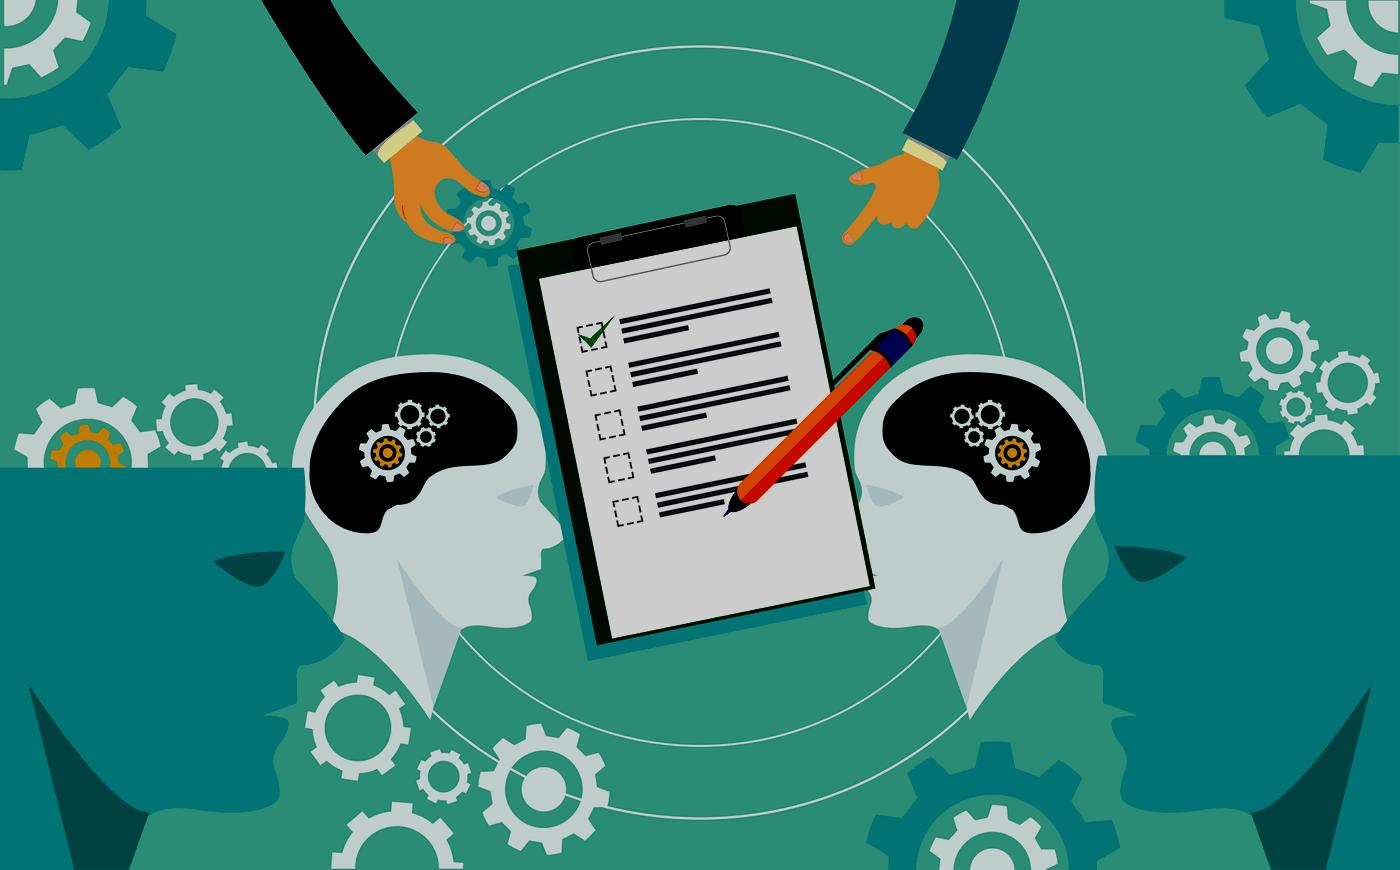 Що ж таке продуктивність та чим вона відрізняється від схожих понять — ефективність і результативність?